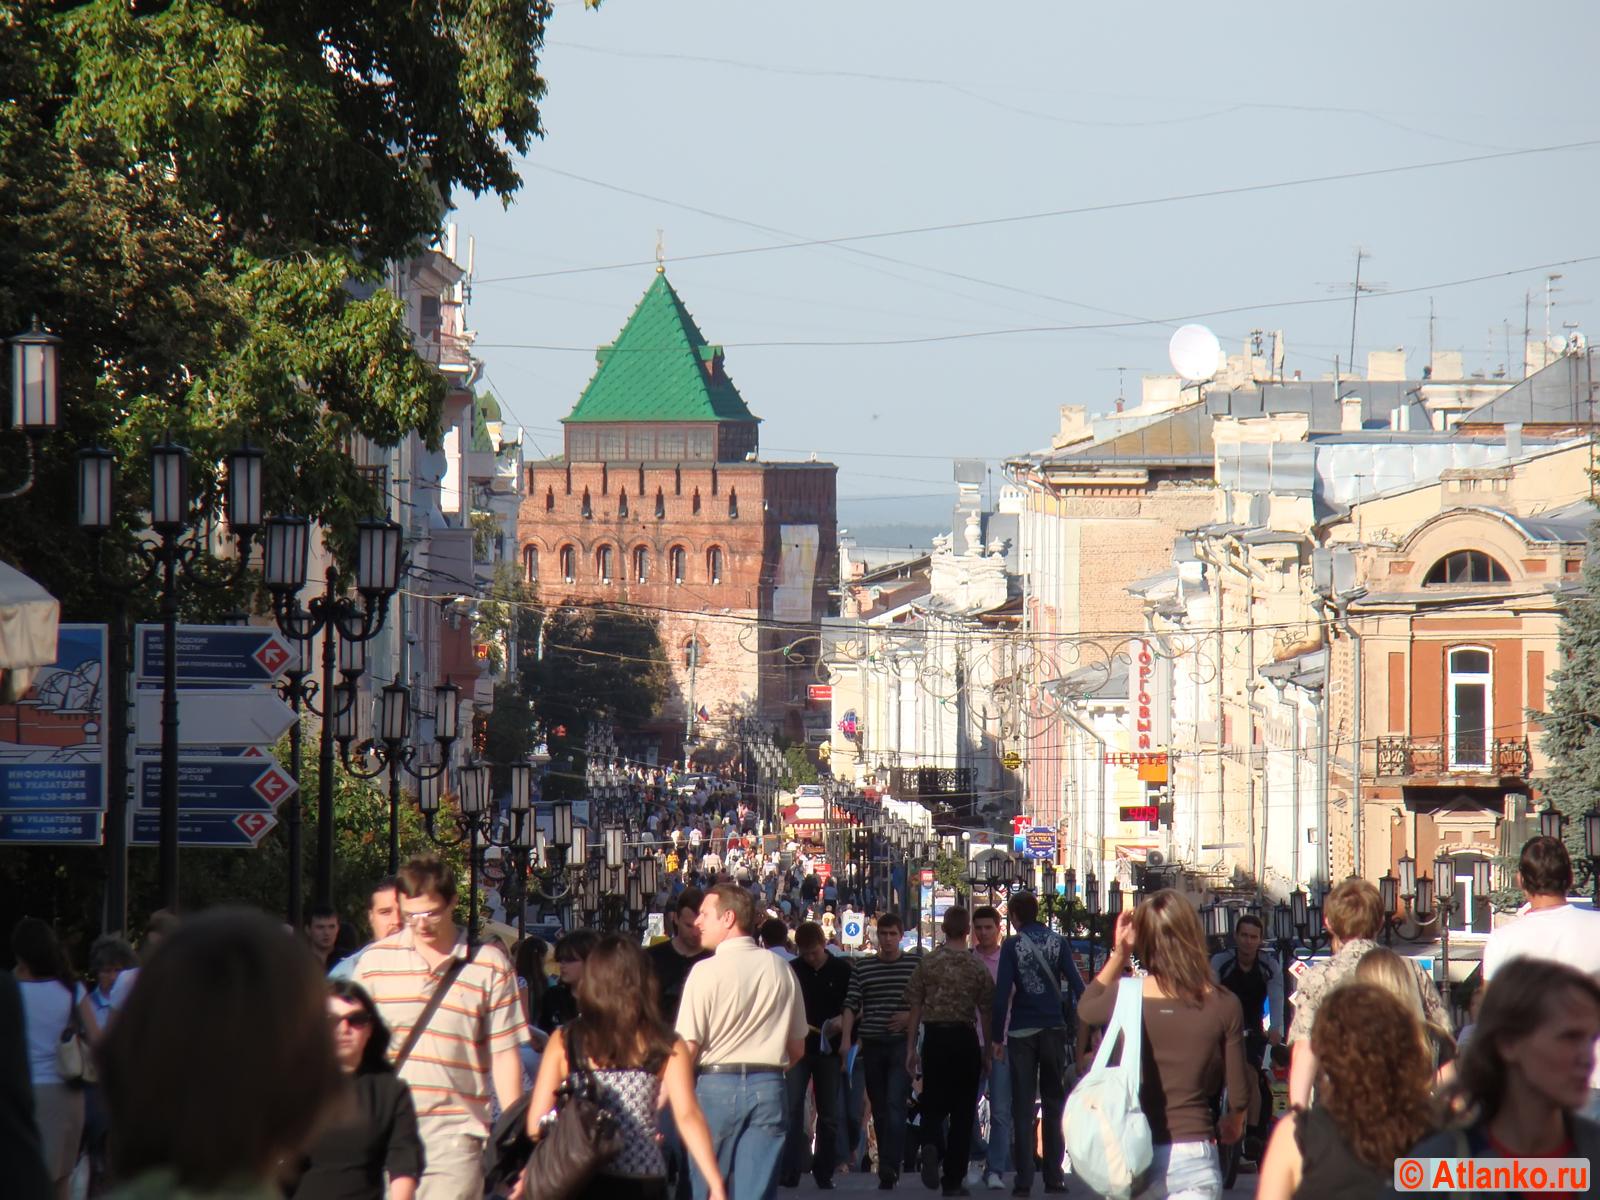 Большая Покровская - улица в Нижегородском районе города Нижнего Новгорода. Фотография